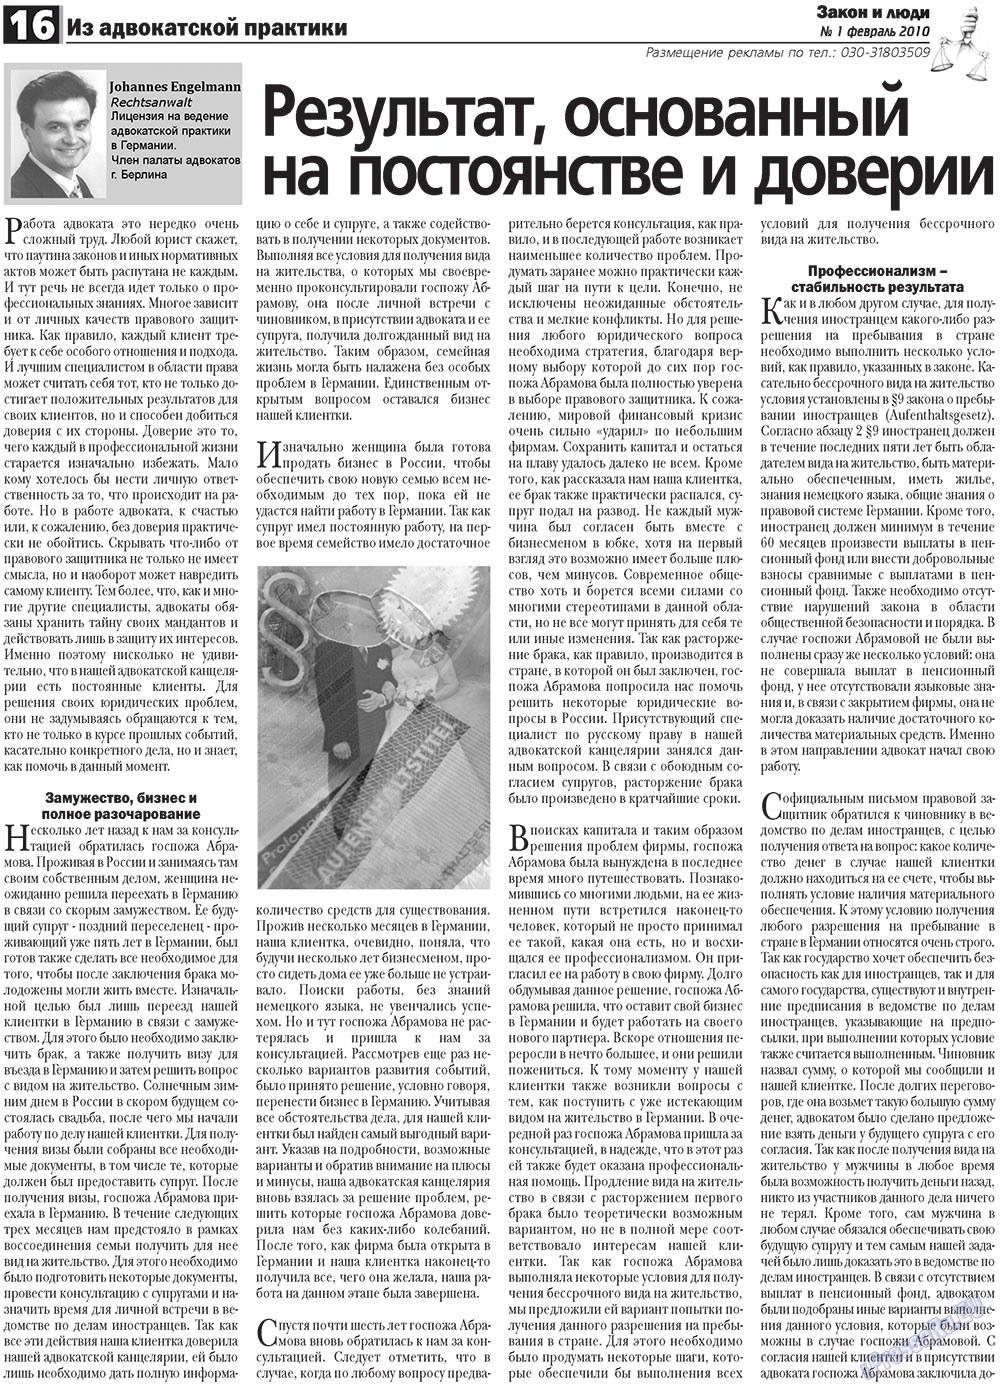 Закон и люди (газета). 2010 год, номер 1, стр. 16